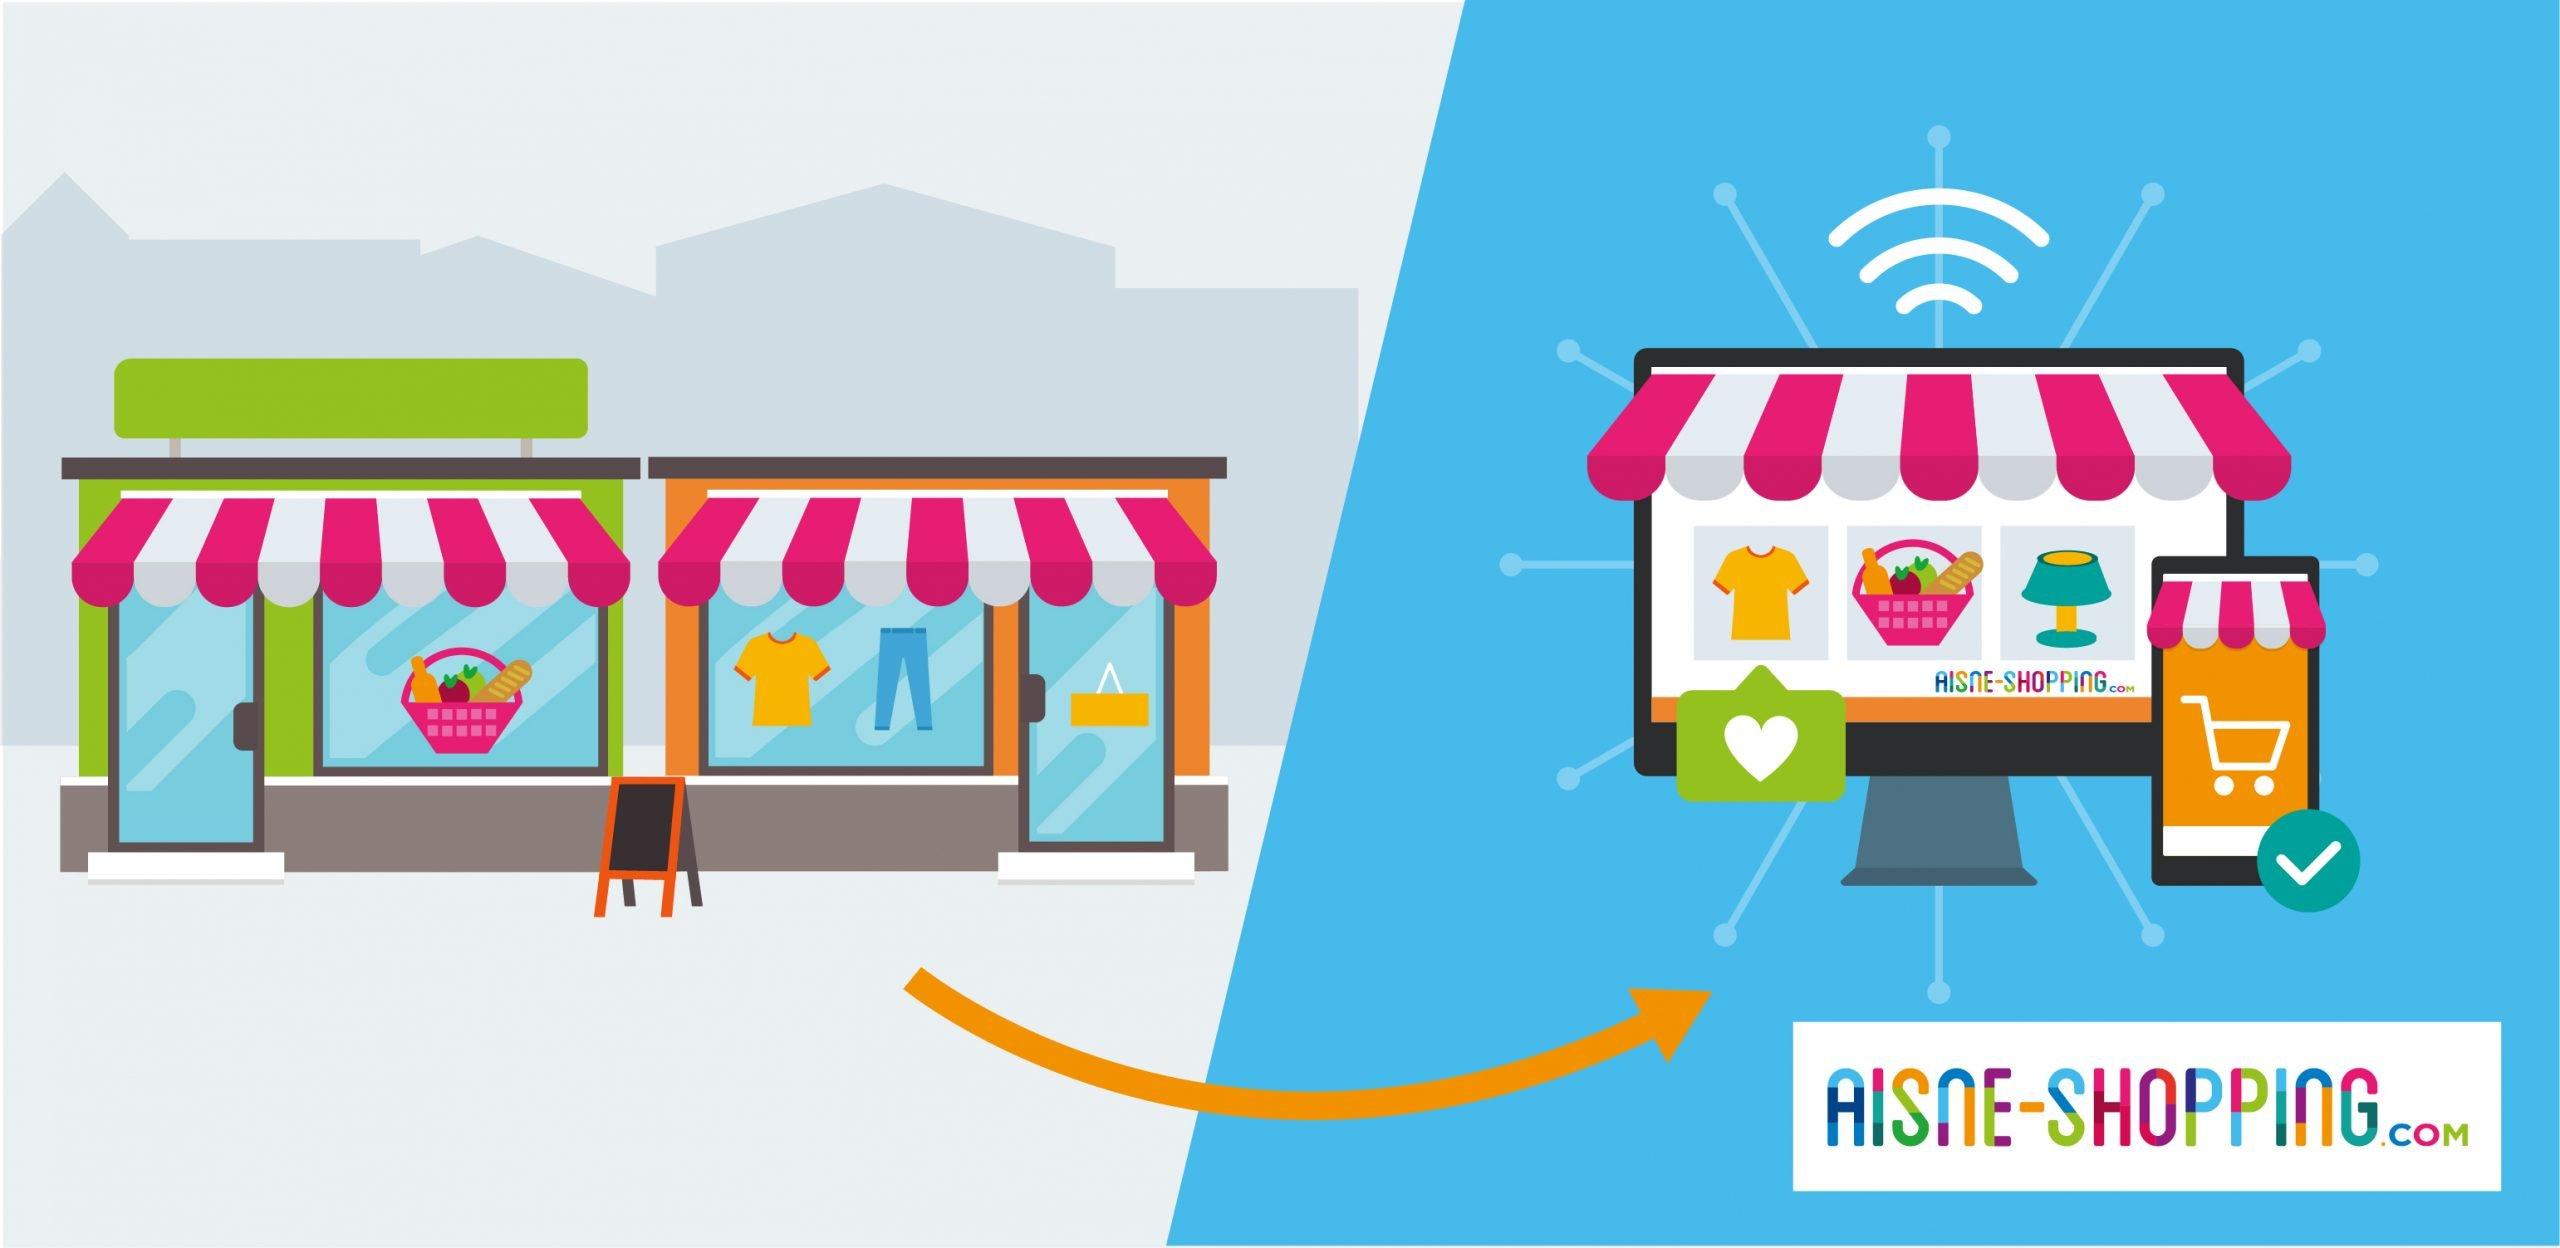 aisne-shopping.com